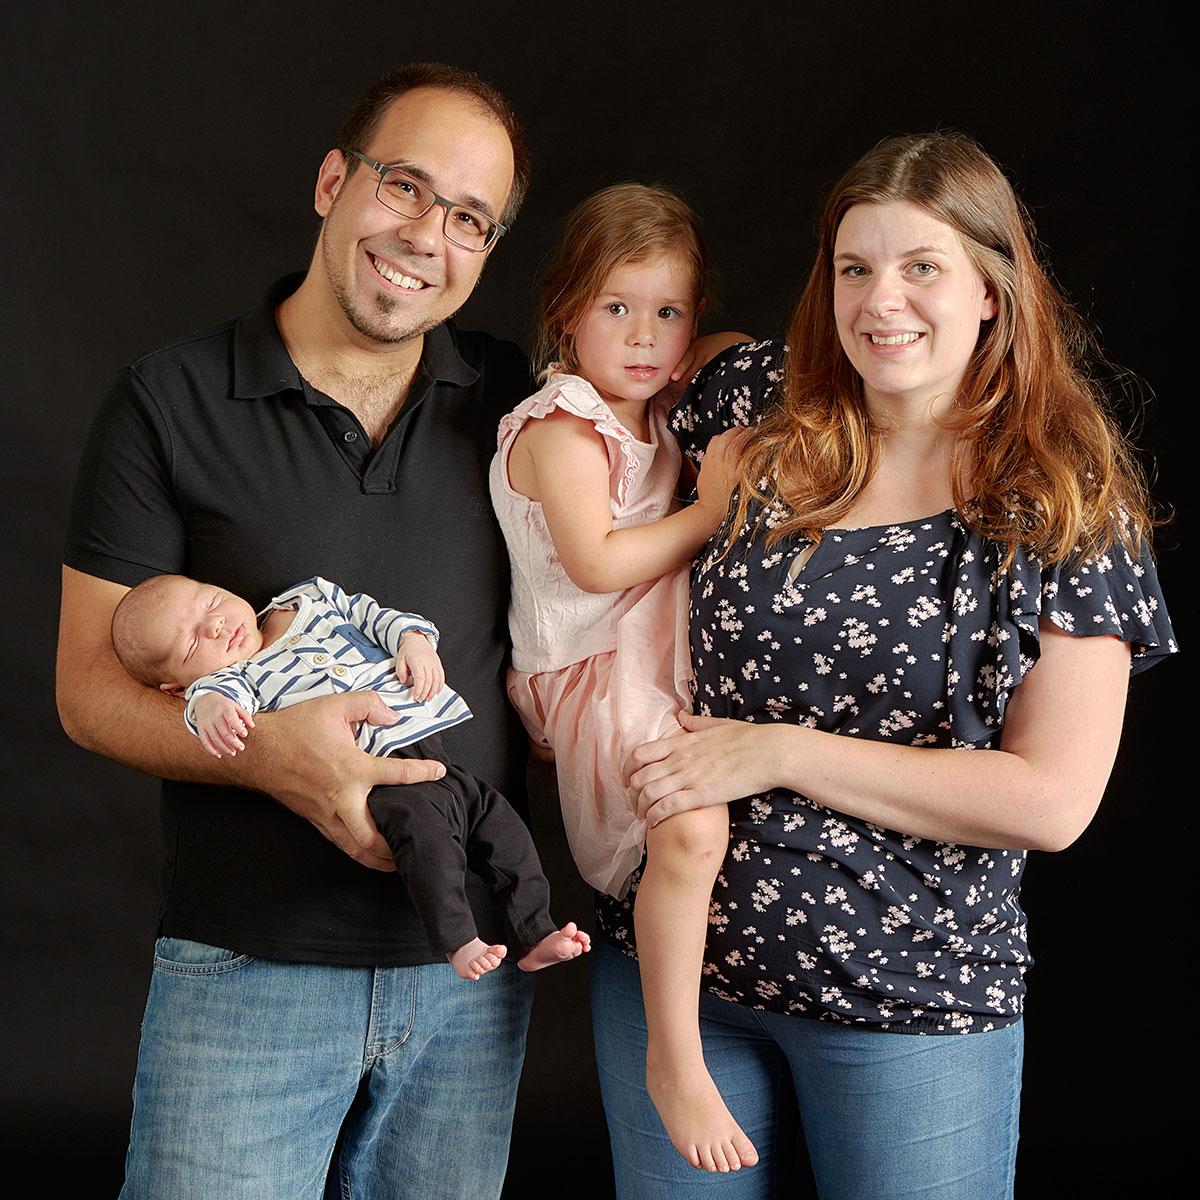 Familie Kinder / Family Kids